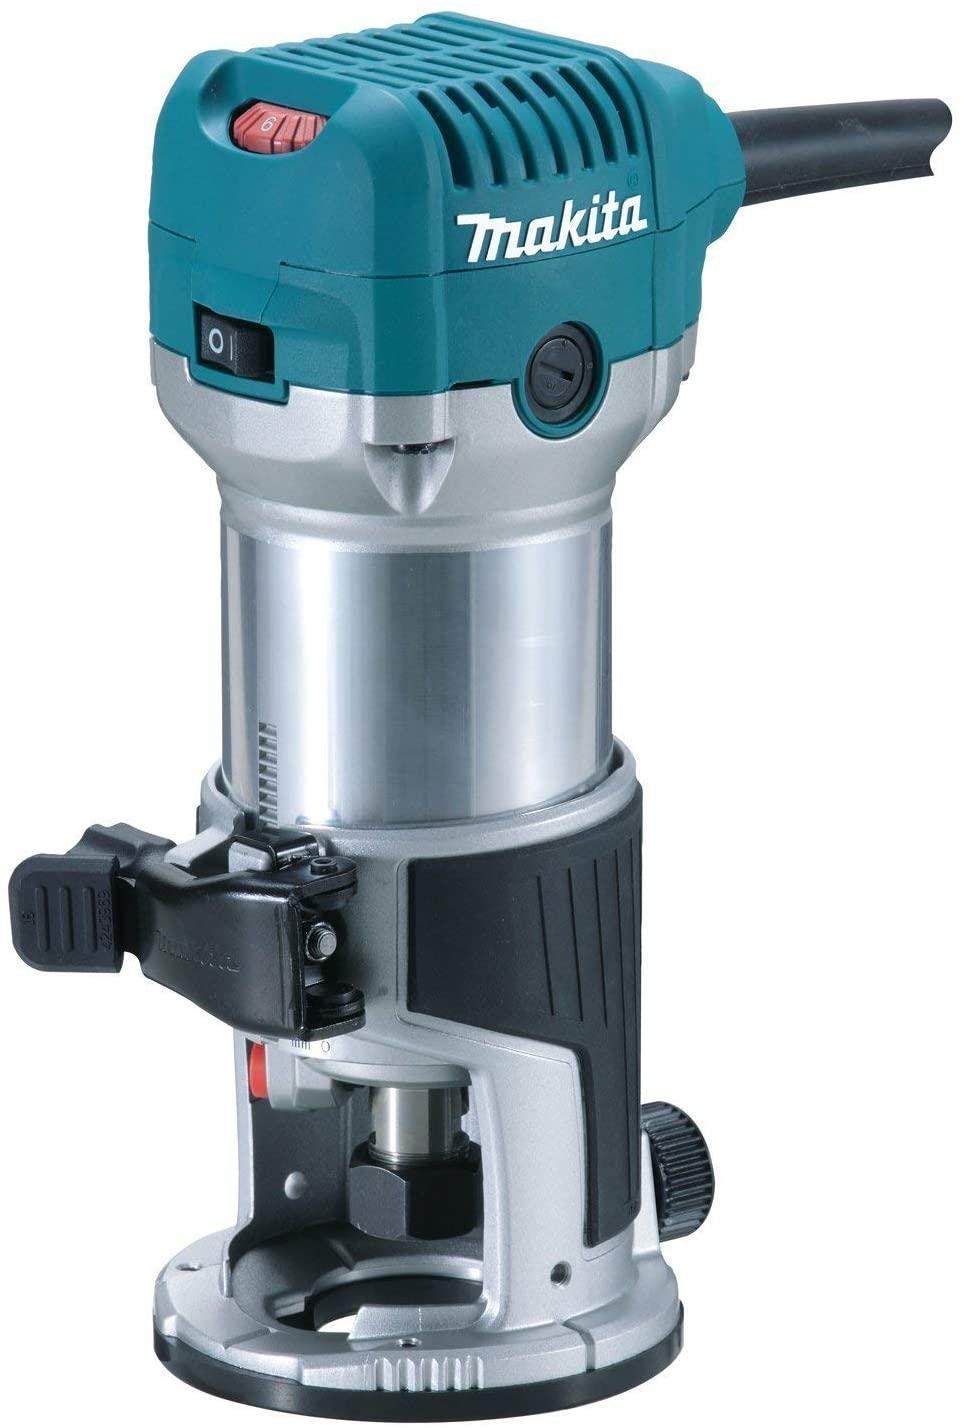 Makita RT0700C kantenfrees - 710W - 6mm - 8mm